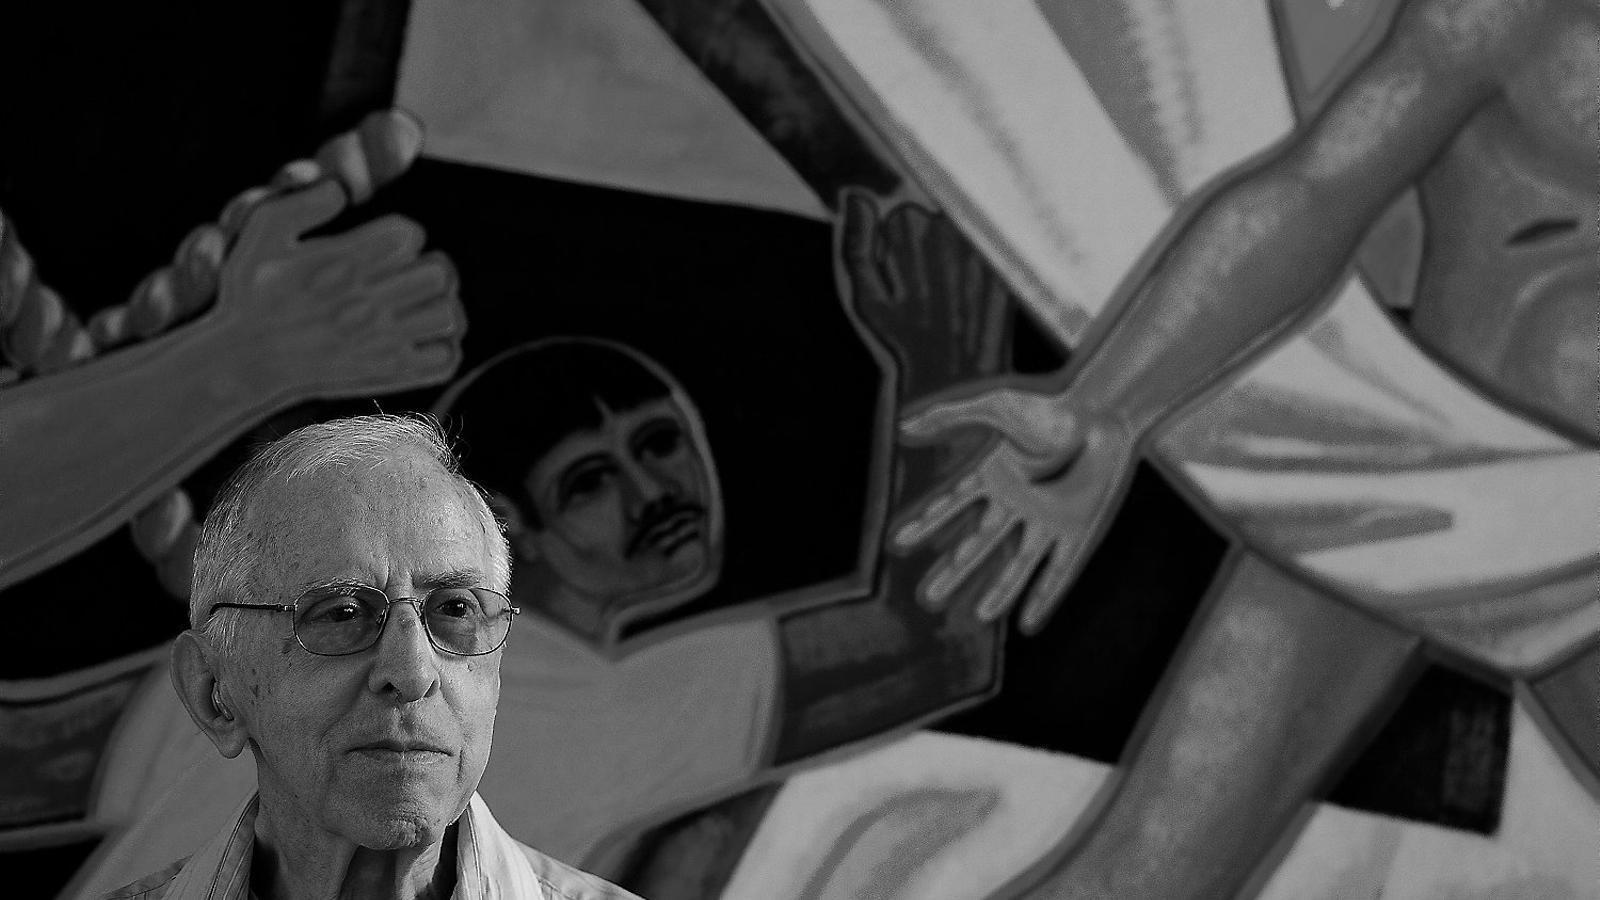 Pere Casaldàliga, una veu i un exemple de compromís a favor dels camperols pobres i els pobles indígenes de la selva amazònica del Brasil.